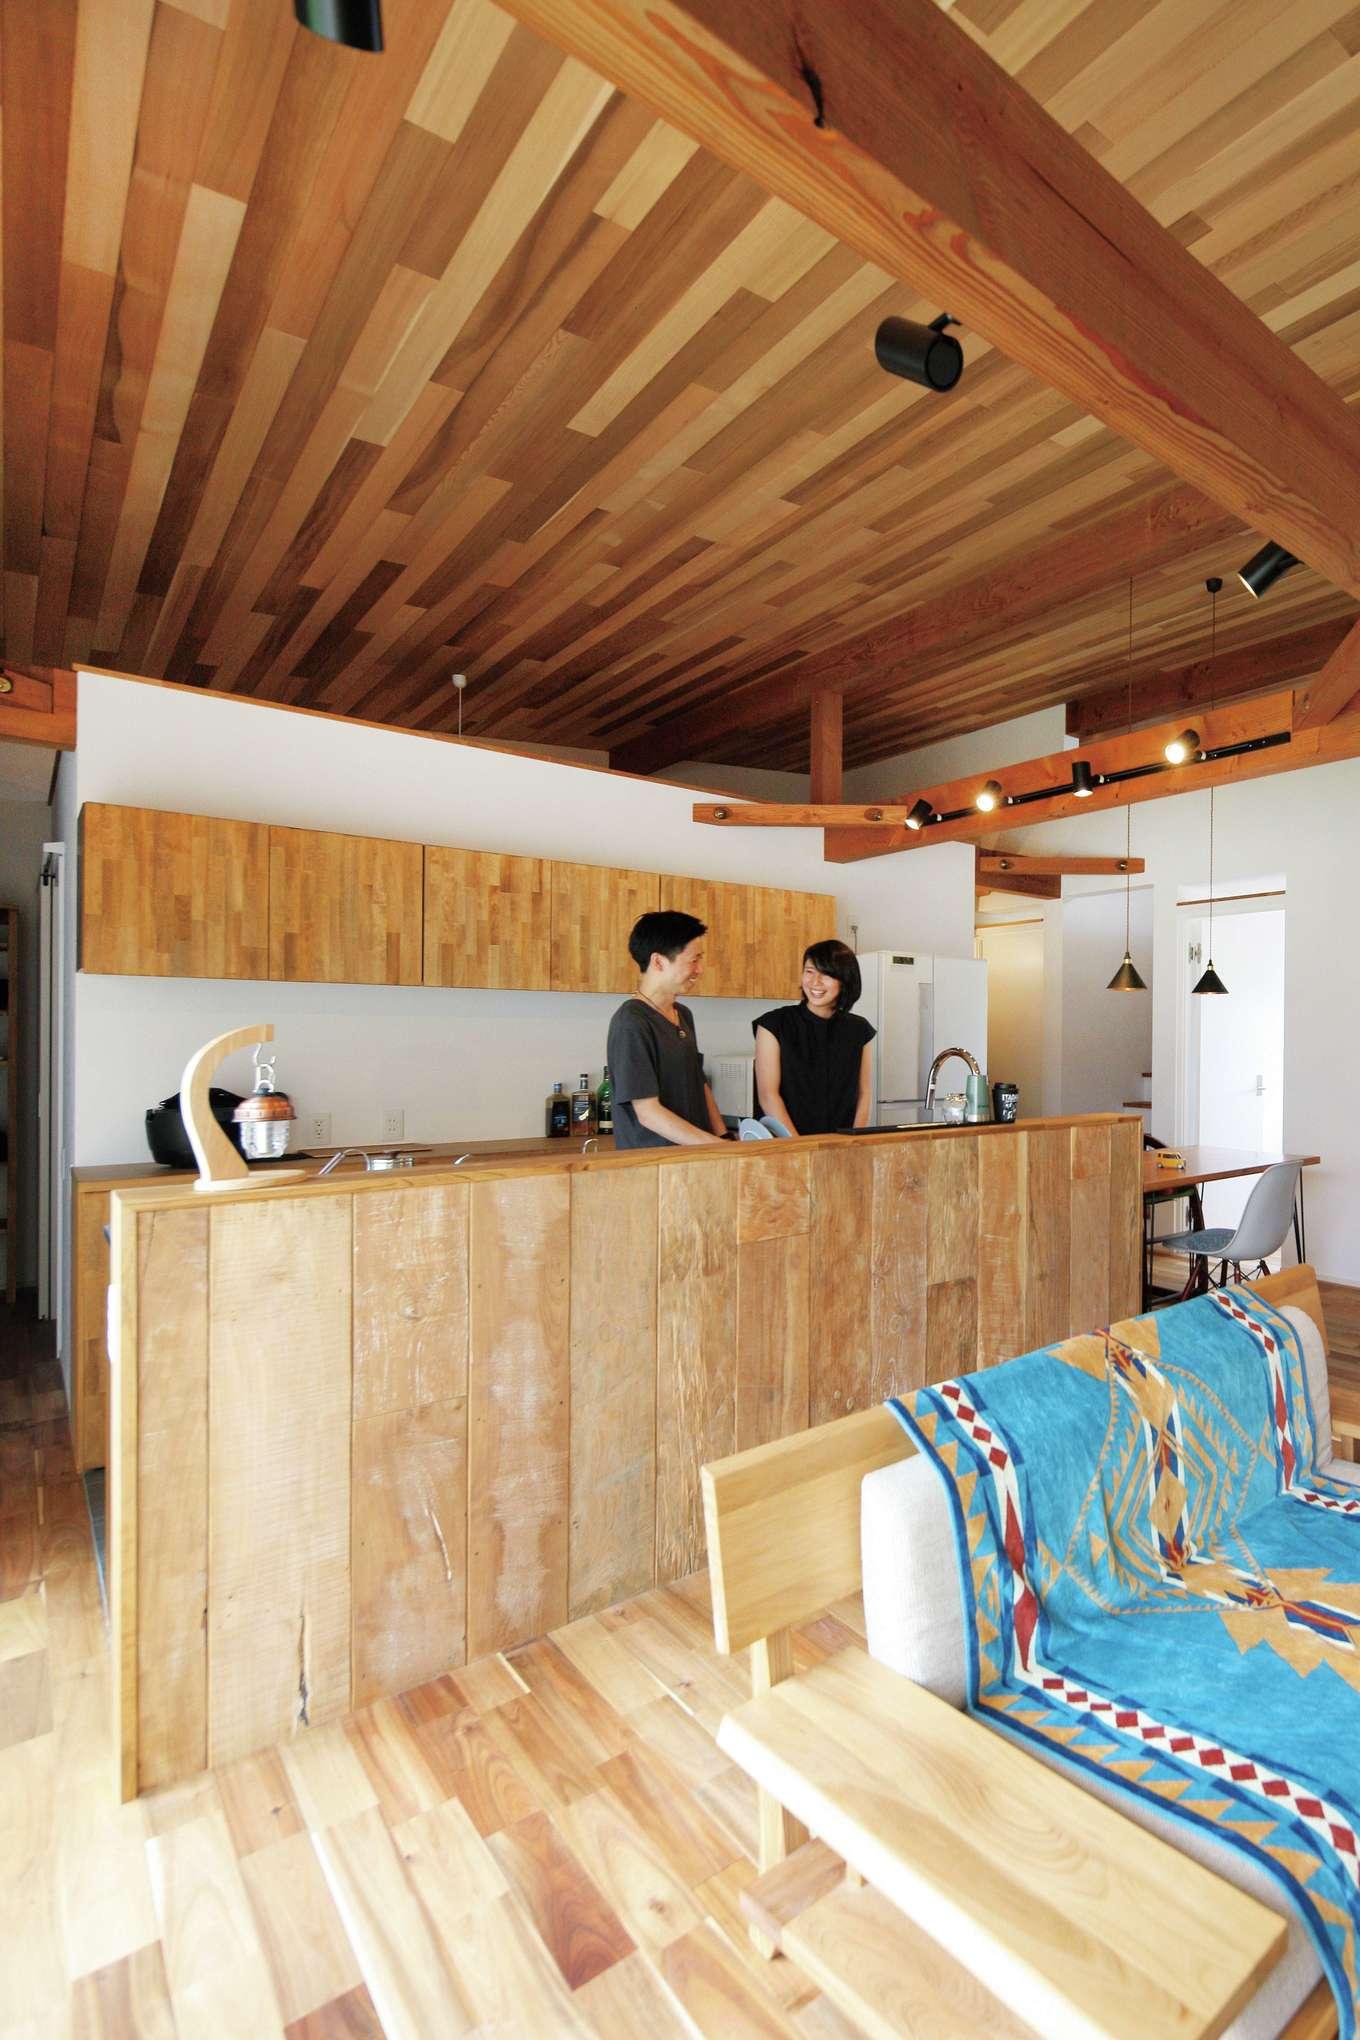 共感住宅 ray-out (レイアウト)【デザイン住宅、趣味、間取り】各部屋の上部を開けたことで空気が循環し、部屋間の温度差がない快適空間を実現